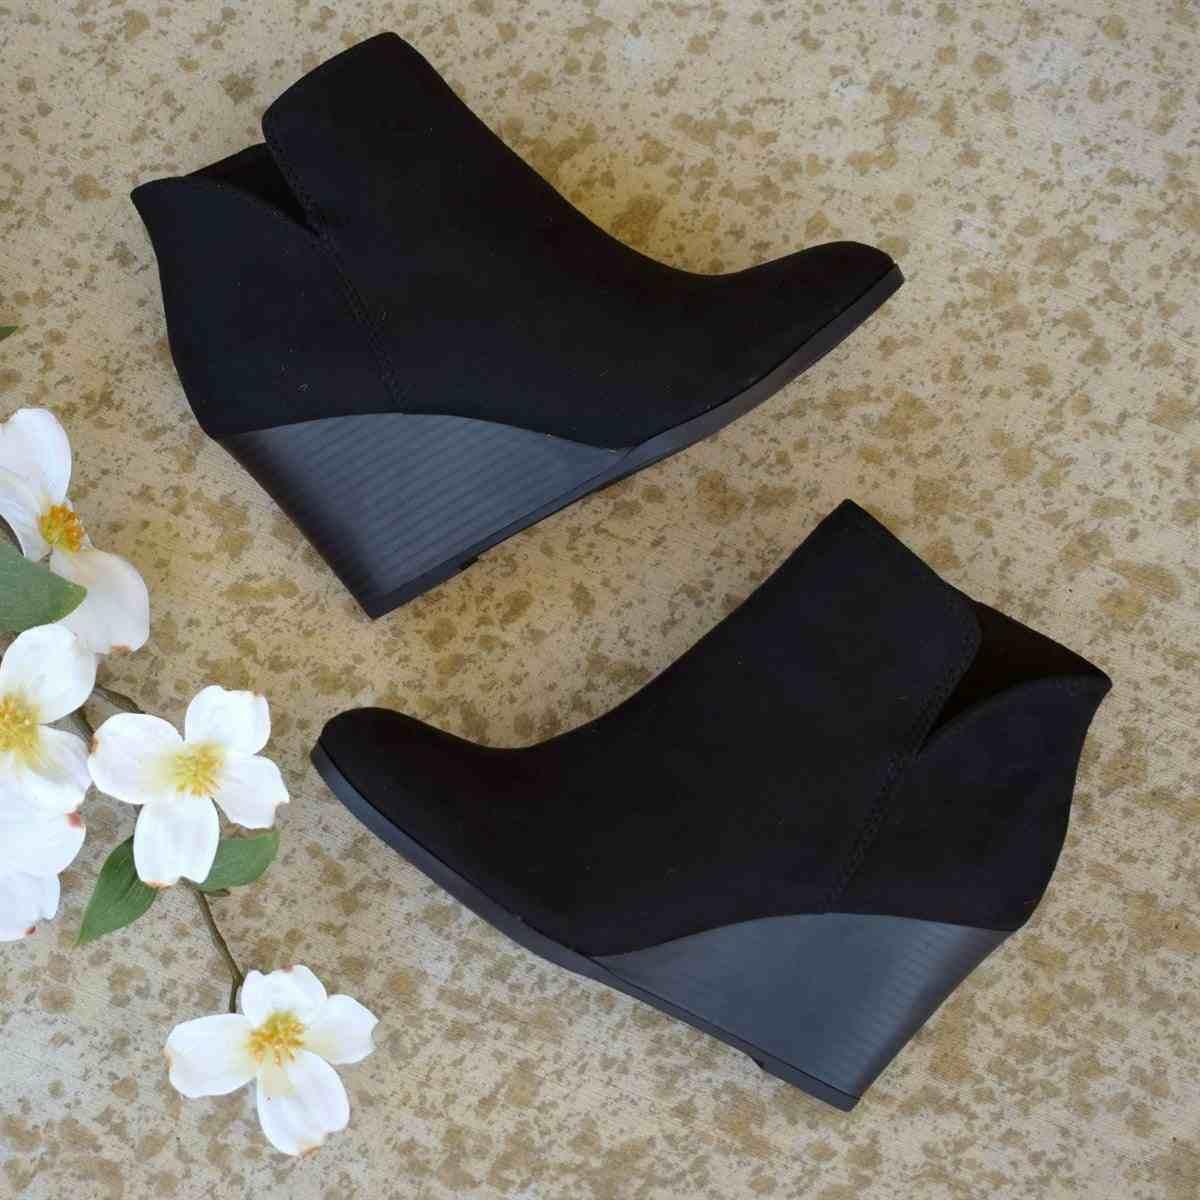 Vertvie Sivri Burun Patik Kış Kadın Leopar yarım çizmeler Lace Up Ayakkabı Platformu Yüksek Topuk Kama Ayakkabı Kadın Bota Feminina